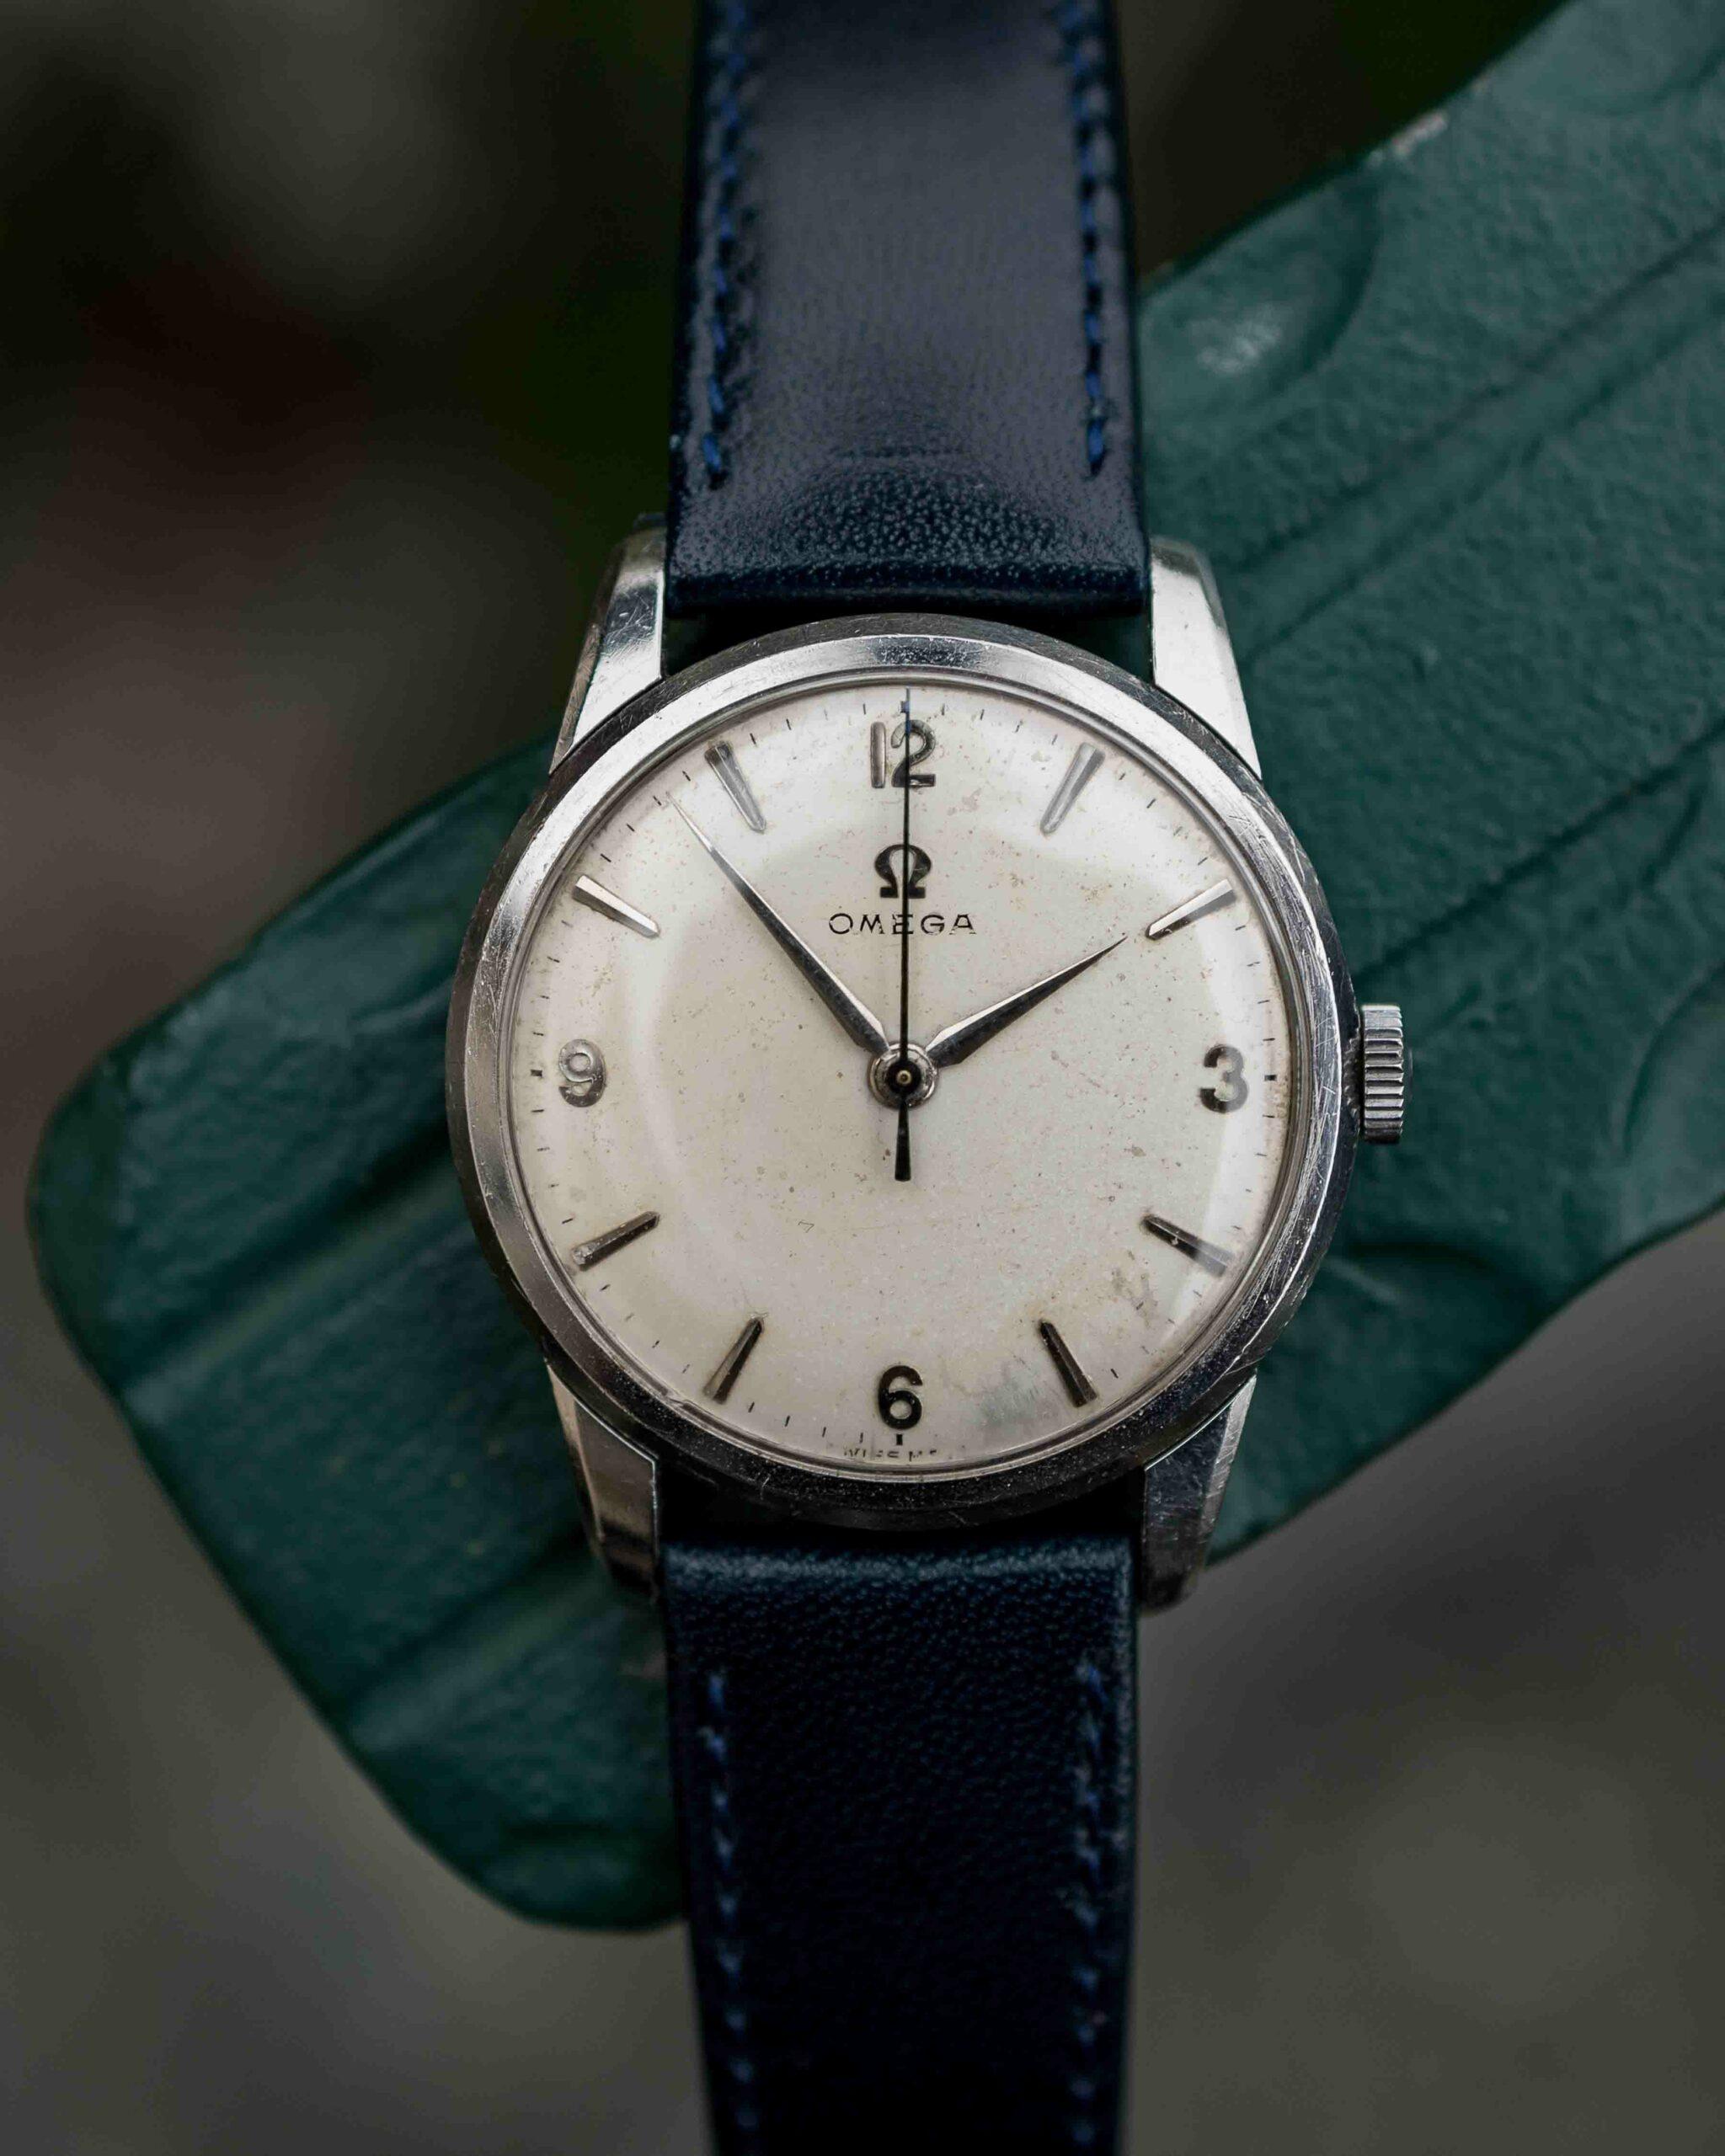 Besten Uhren unter 1000 Euro: Omega Seamaster